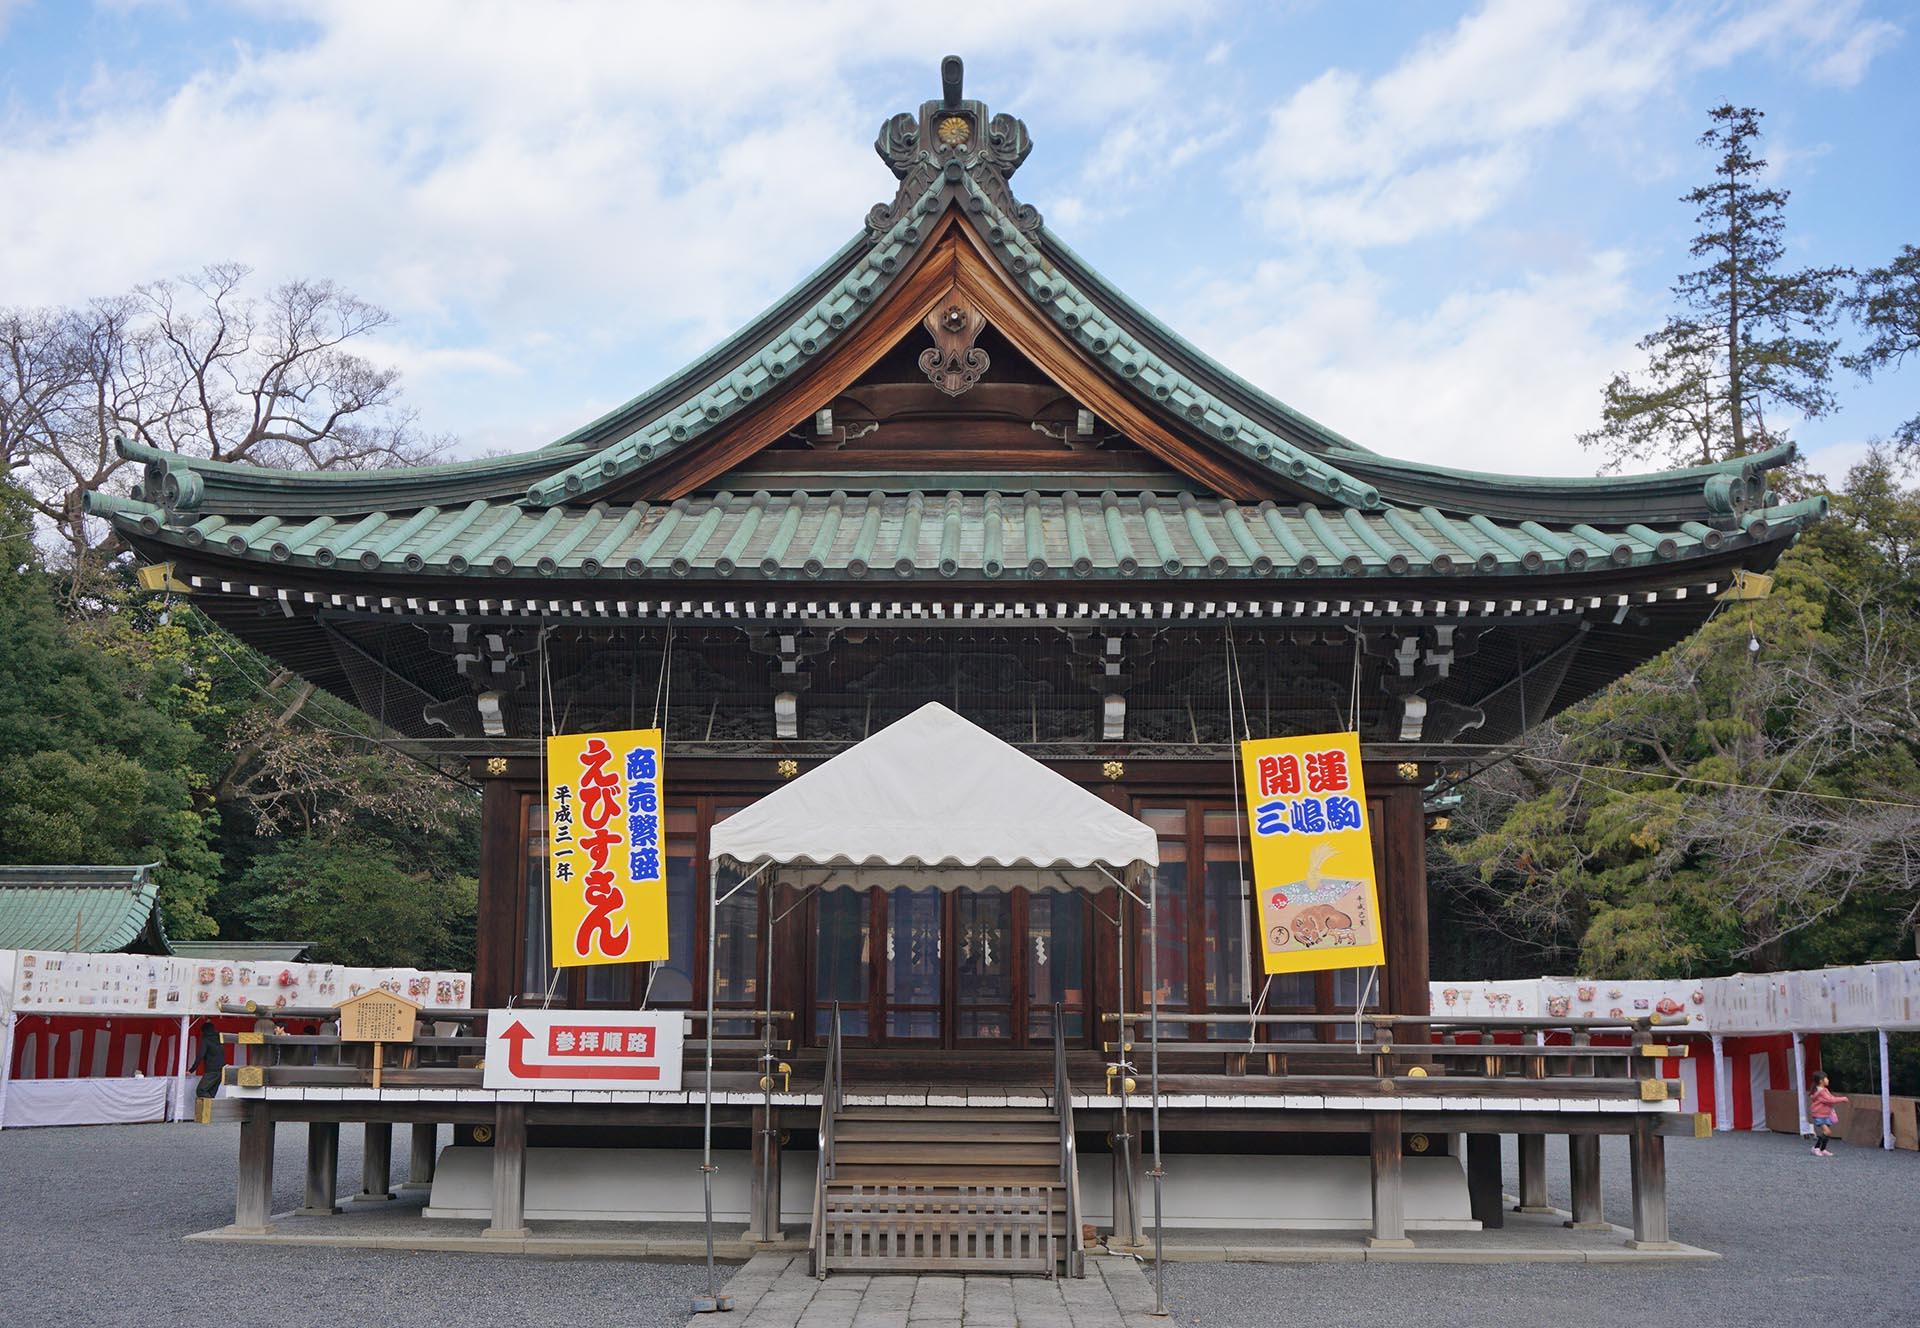 三嶋大社の舞殿